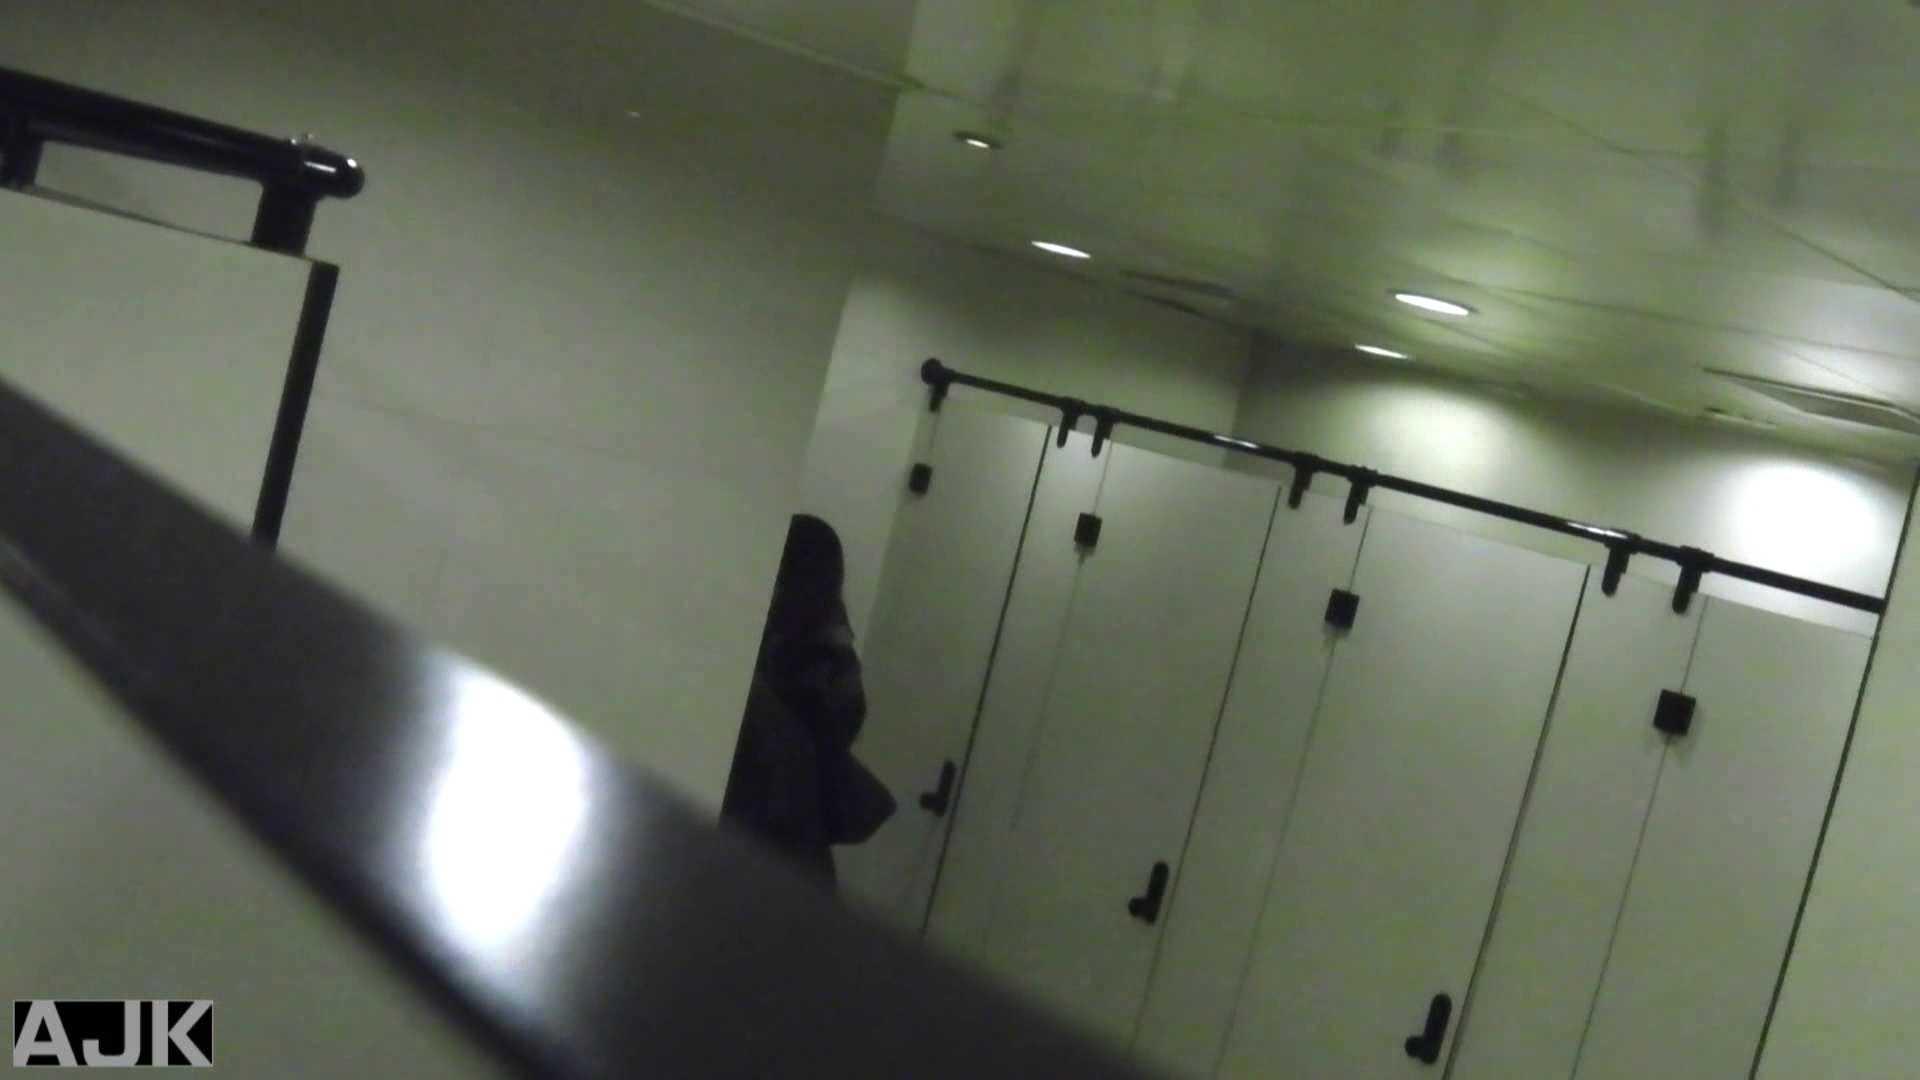 隣国上階級エリアの令嬢たちが集うデパートお手洗い Vol.14 OLの実態 | お手洗い  97pic 7